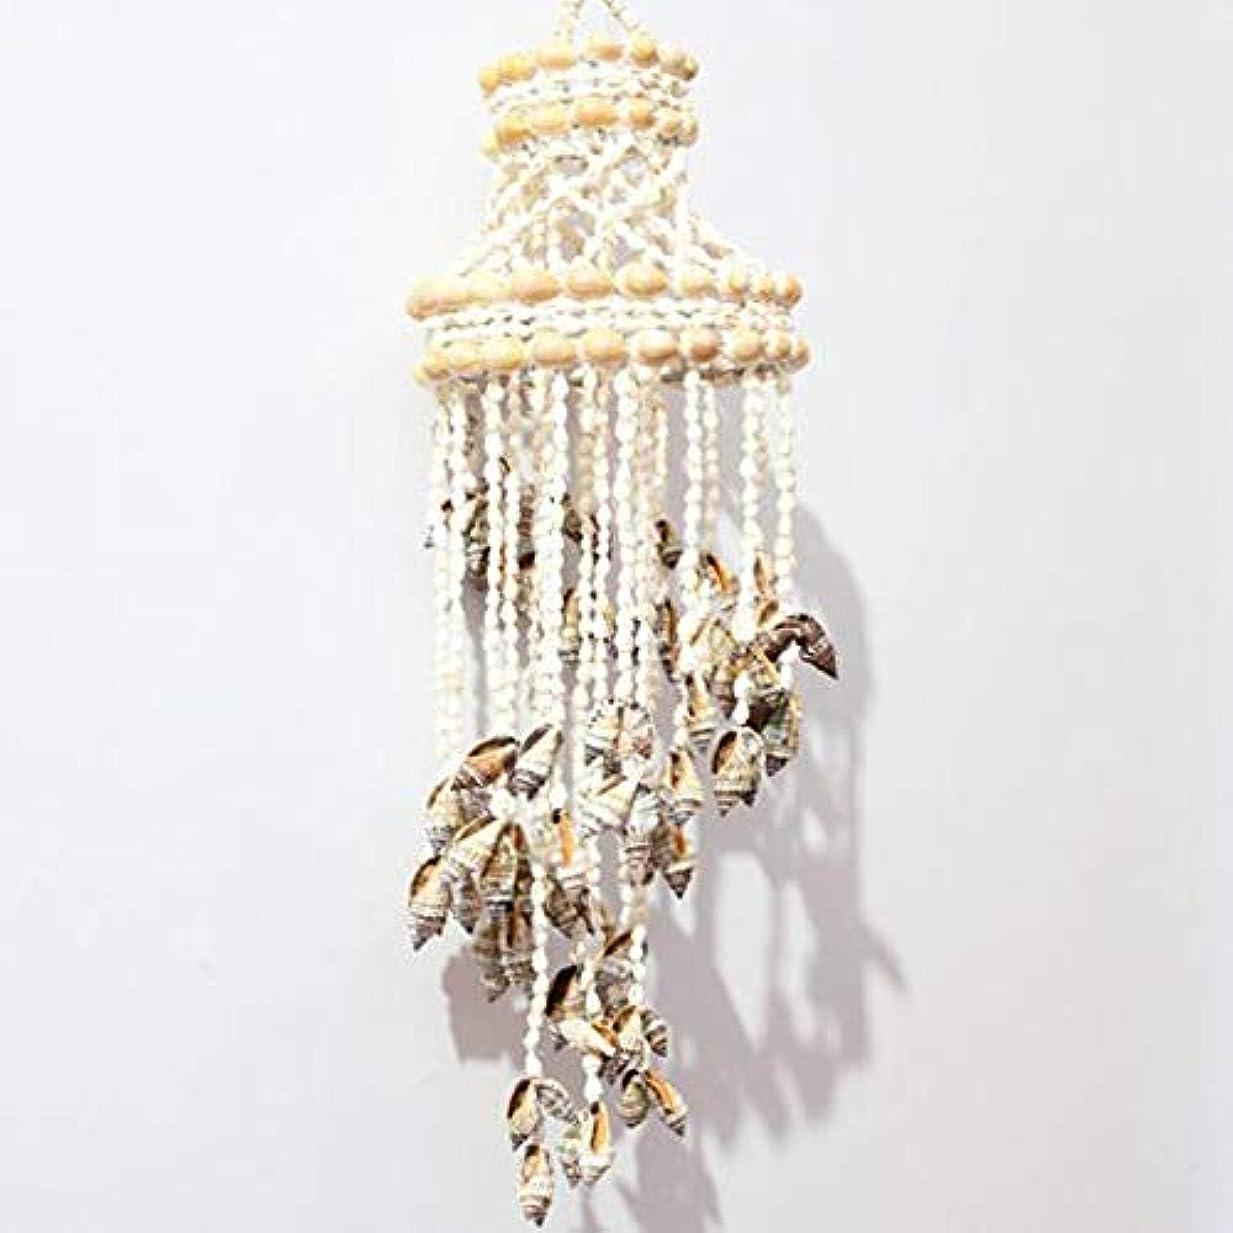 普通に広告する意味するKaiyitong01 風チャイム、ナチュラル手作りシェル風の鐘、ホワイト、約長さ50cm,絶妙なファッション (Color : C)